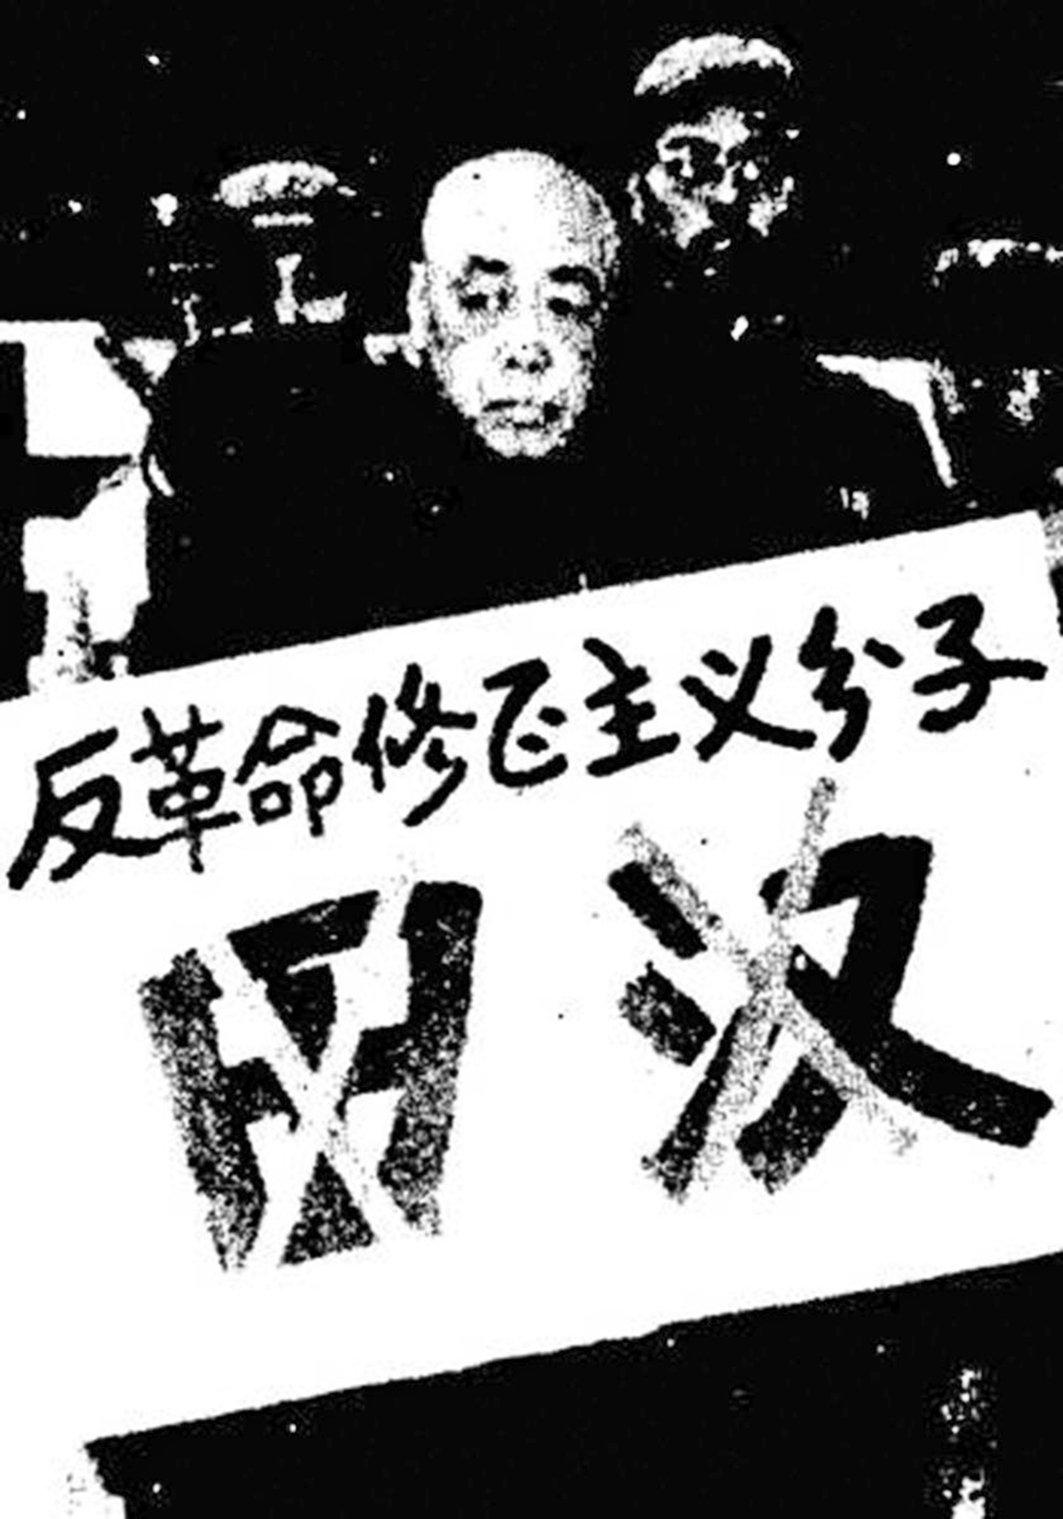 中共國歌《義勇軍進行曲》作詞者田漢。(網絡圖片)